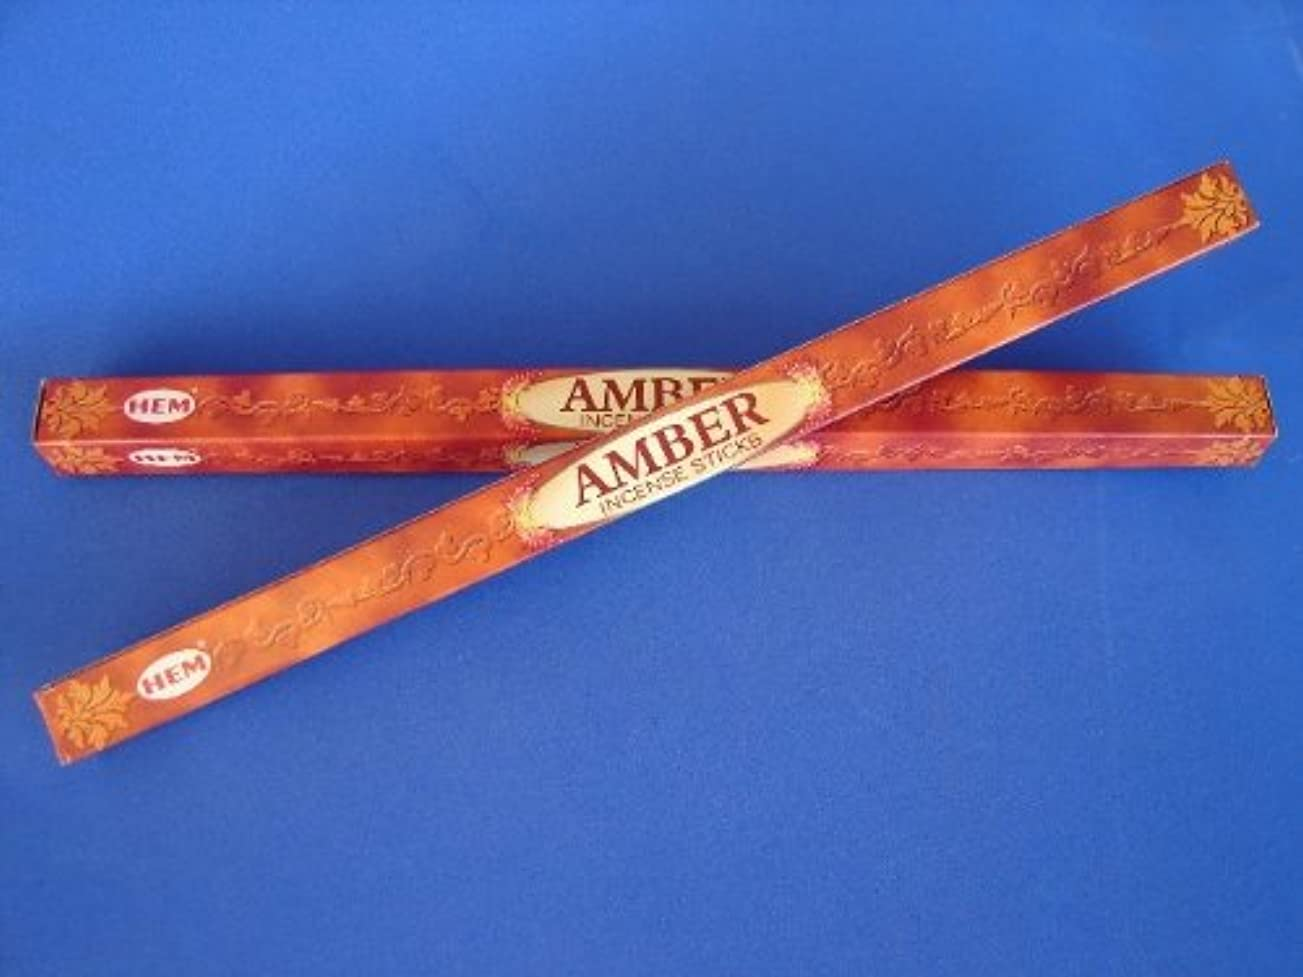 魔術師消毒するカジュアル4 Boxes of Amber Incense Sticks